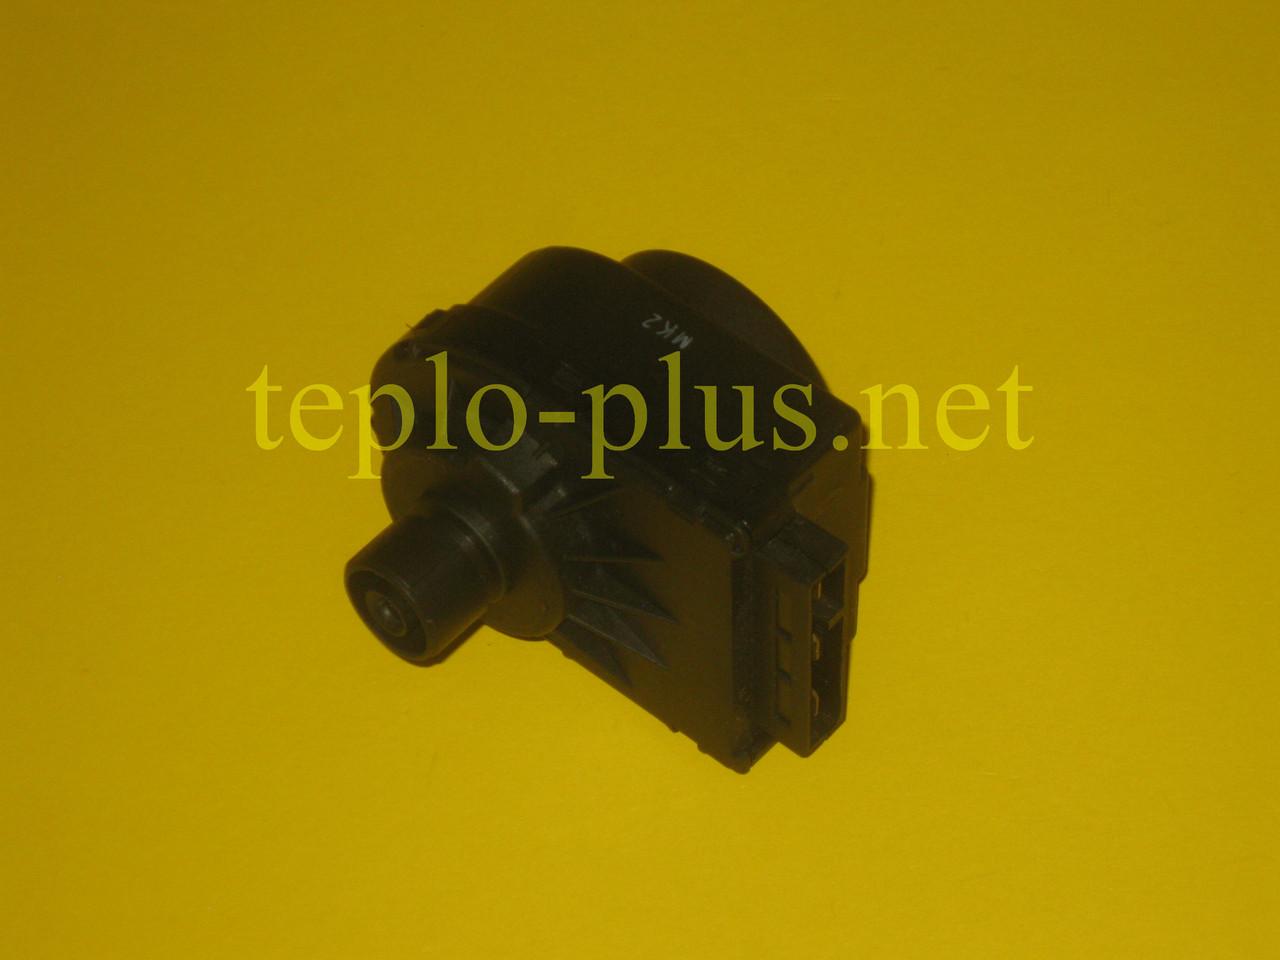 Привод (сервопривод) трехходового клапана S57206 Saunier Duval Themaclassic, Combitek, Isofast